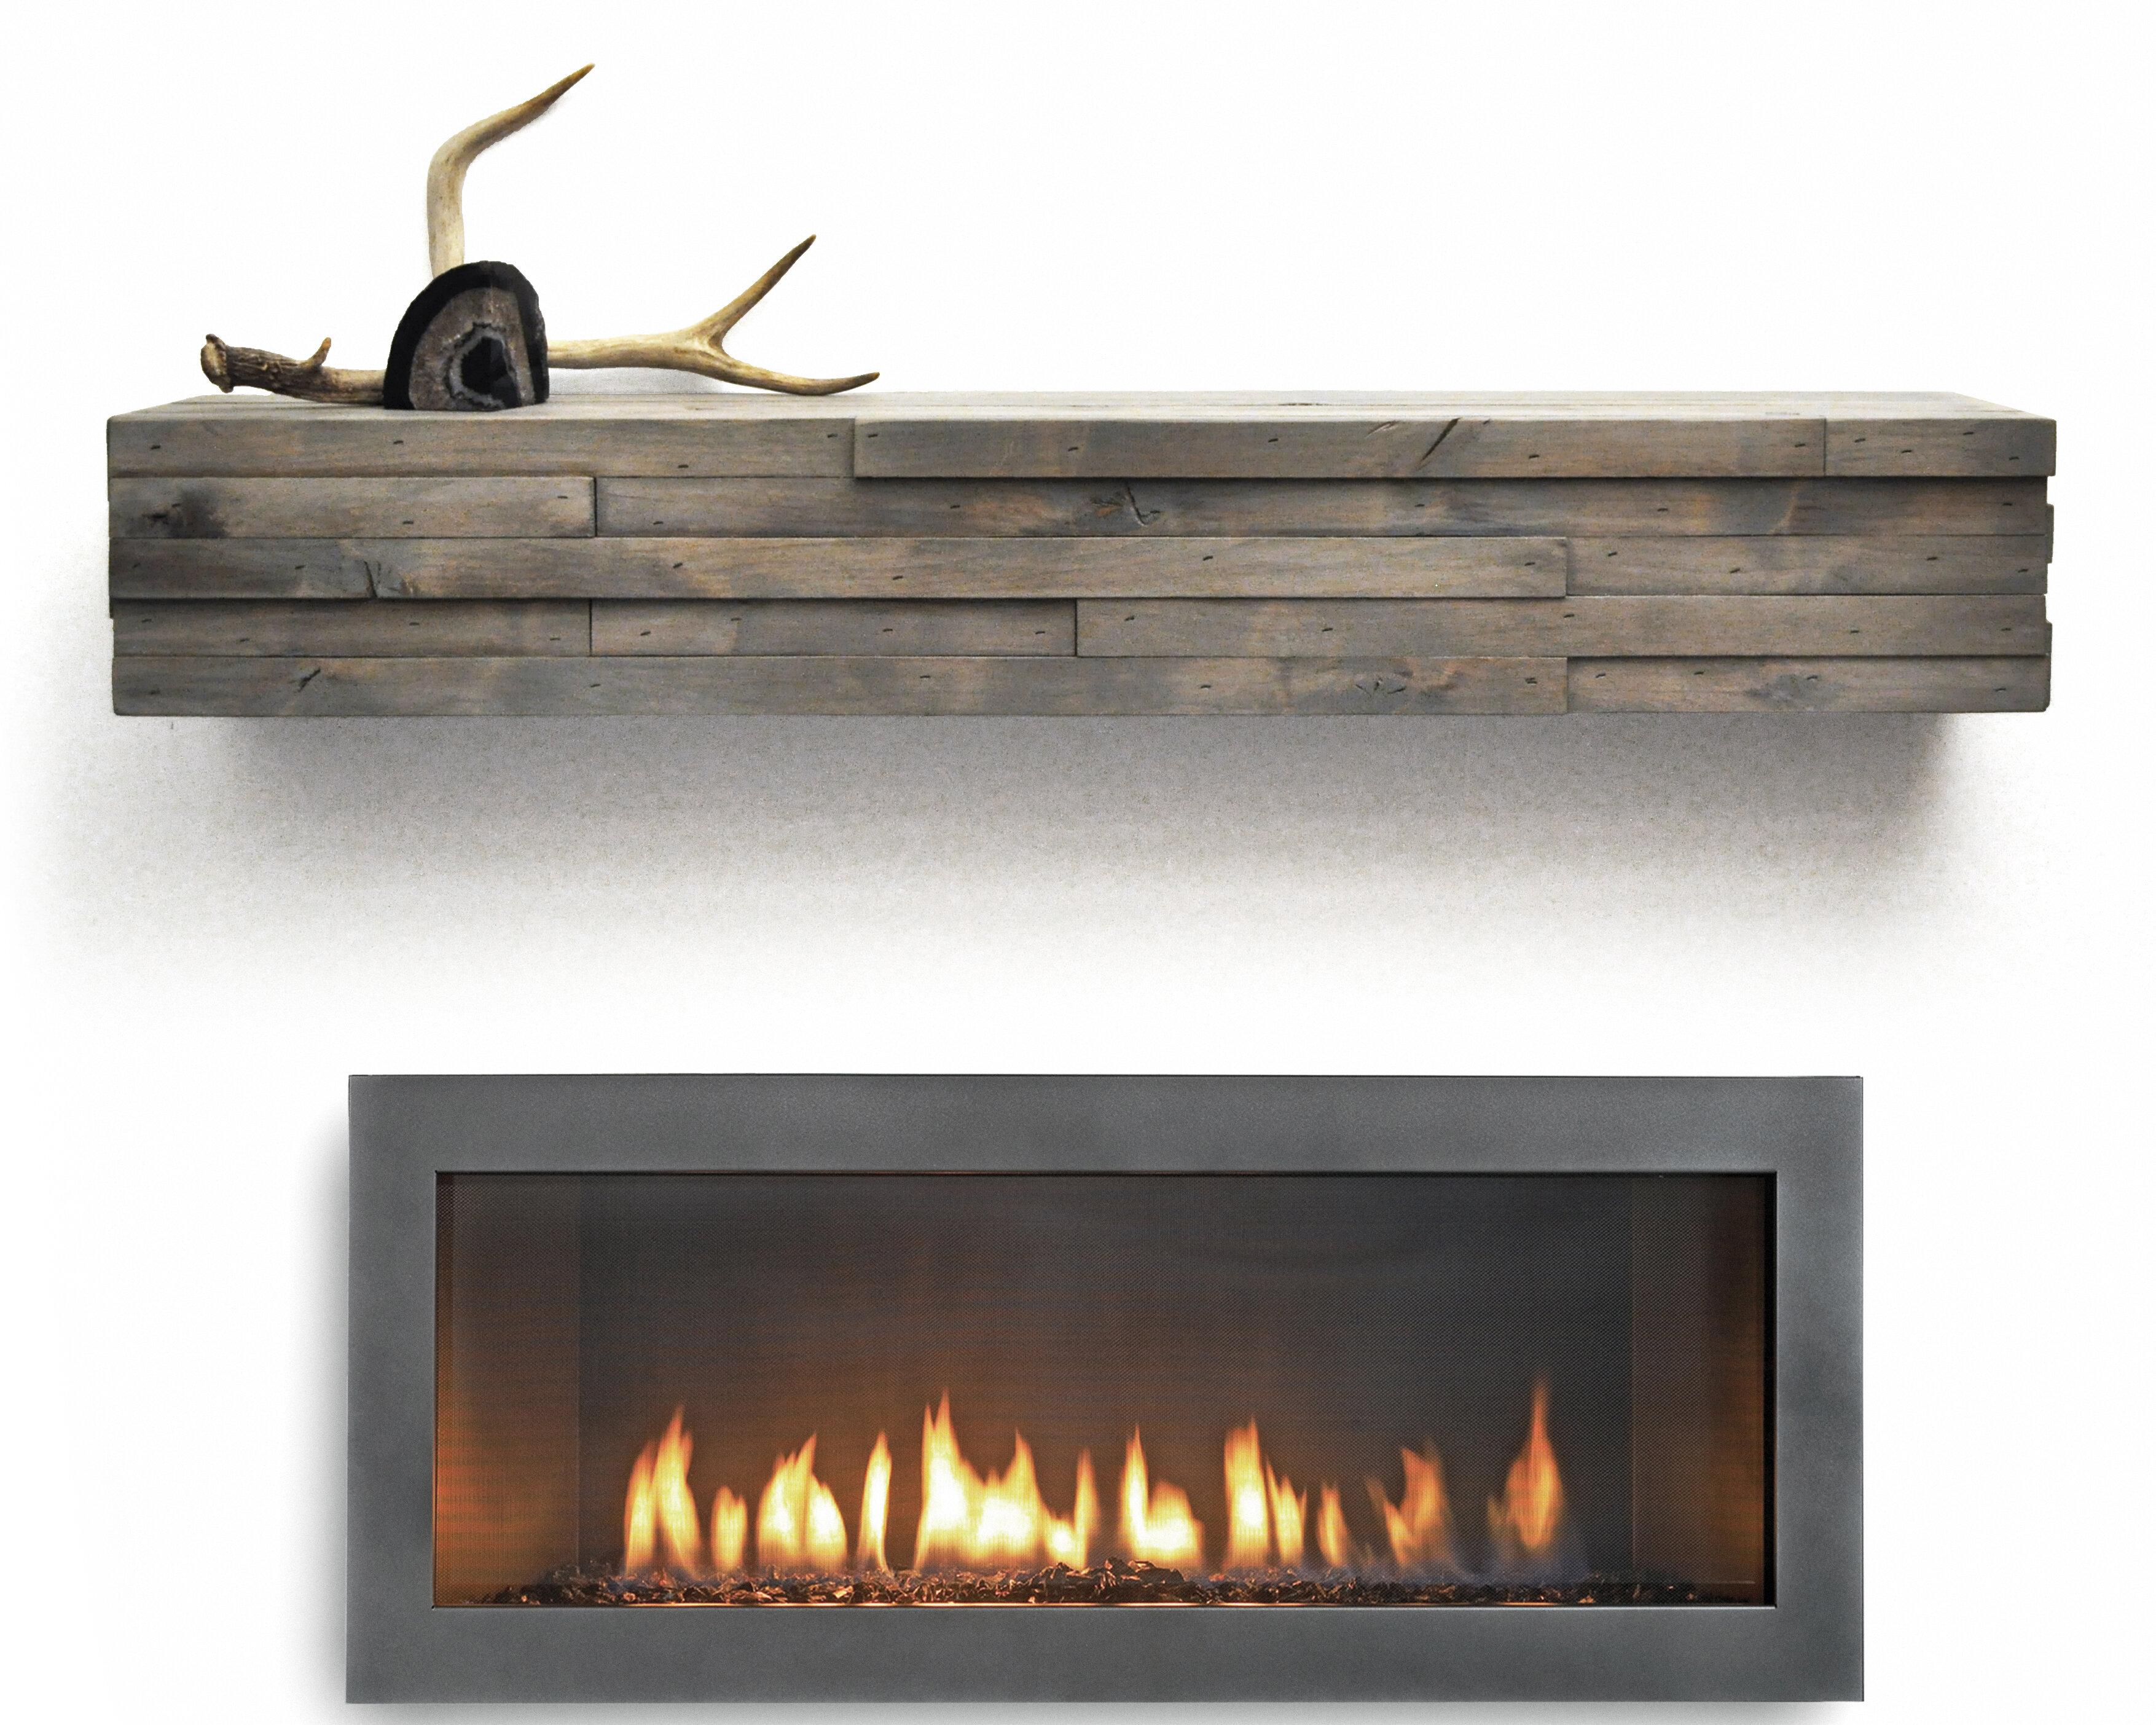 dogberry collections modern fireplace mantel shelf reviews wayfair rh wayfair com fireplace mantels shelf 72x4x12 fireplace mantels shelf 72x4x8